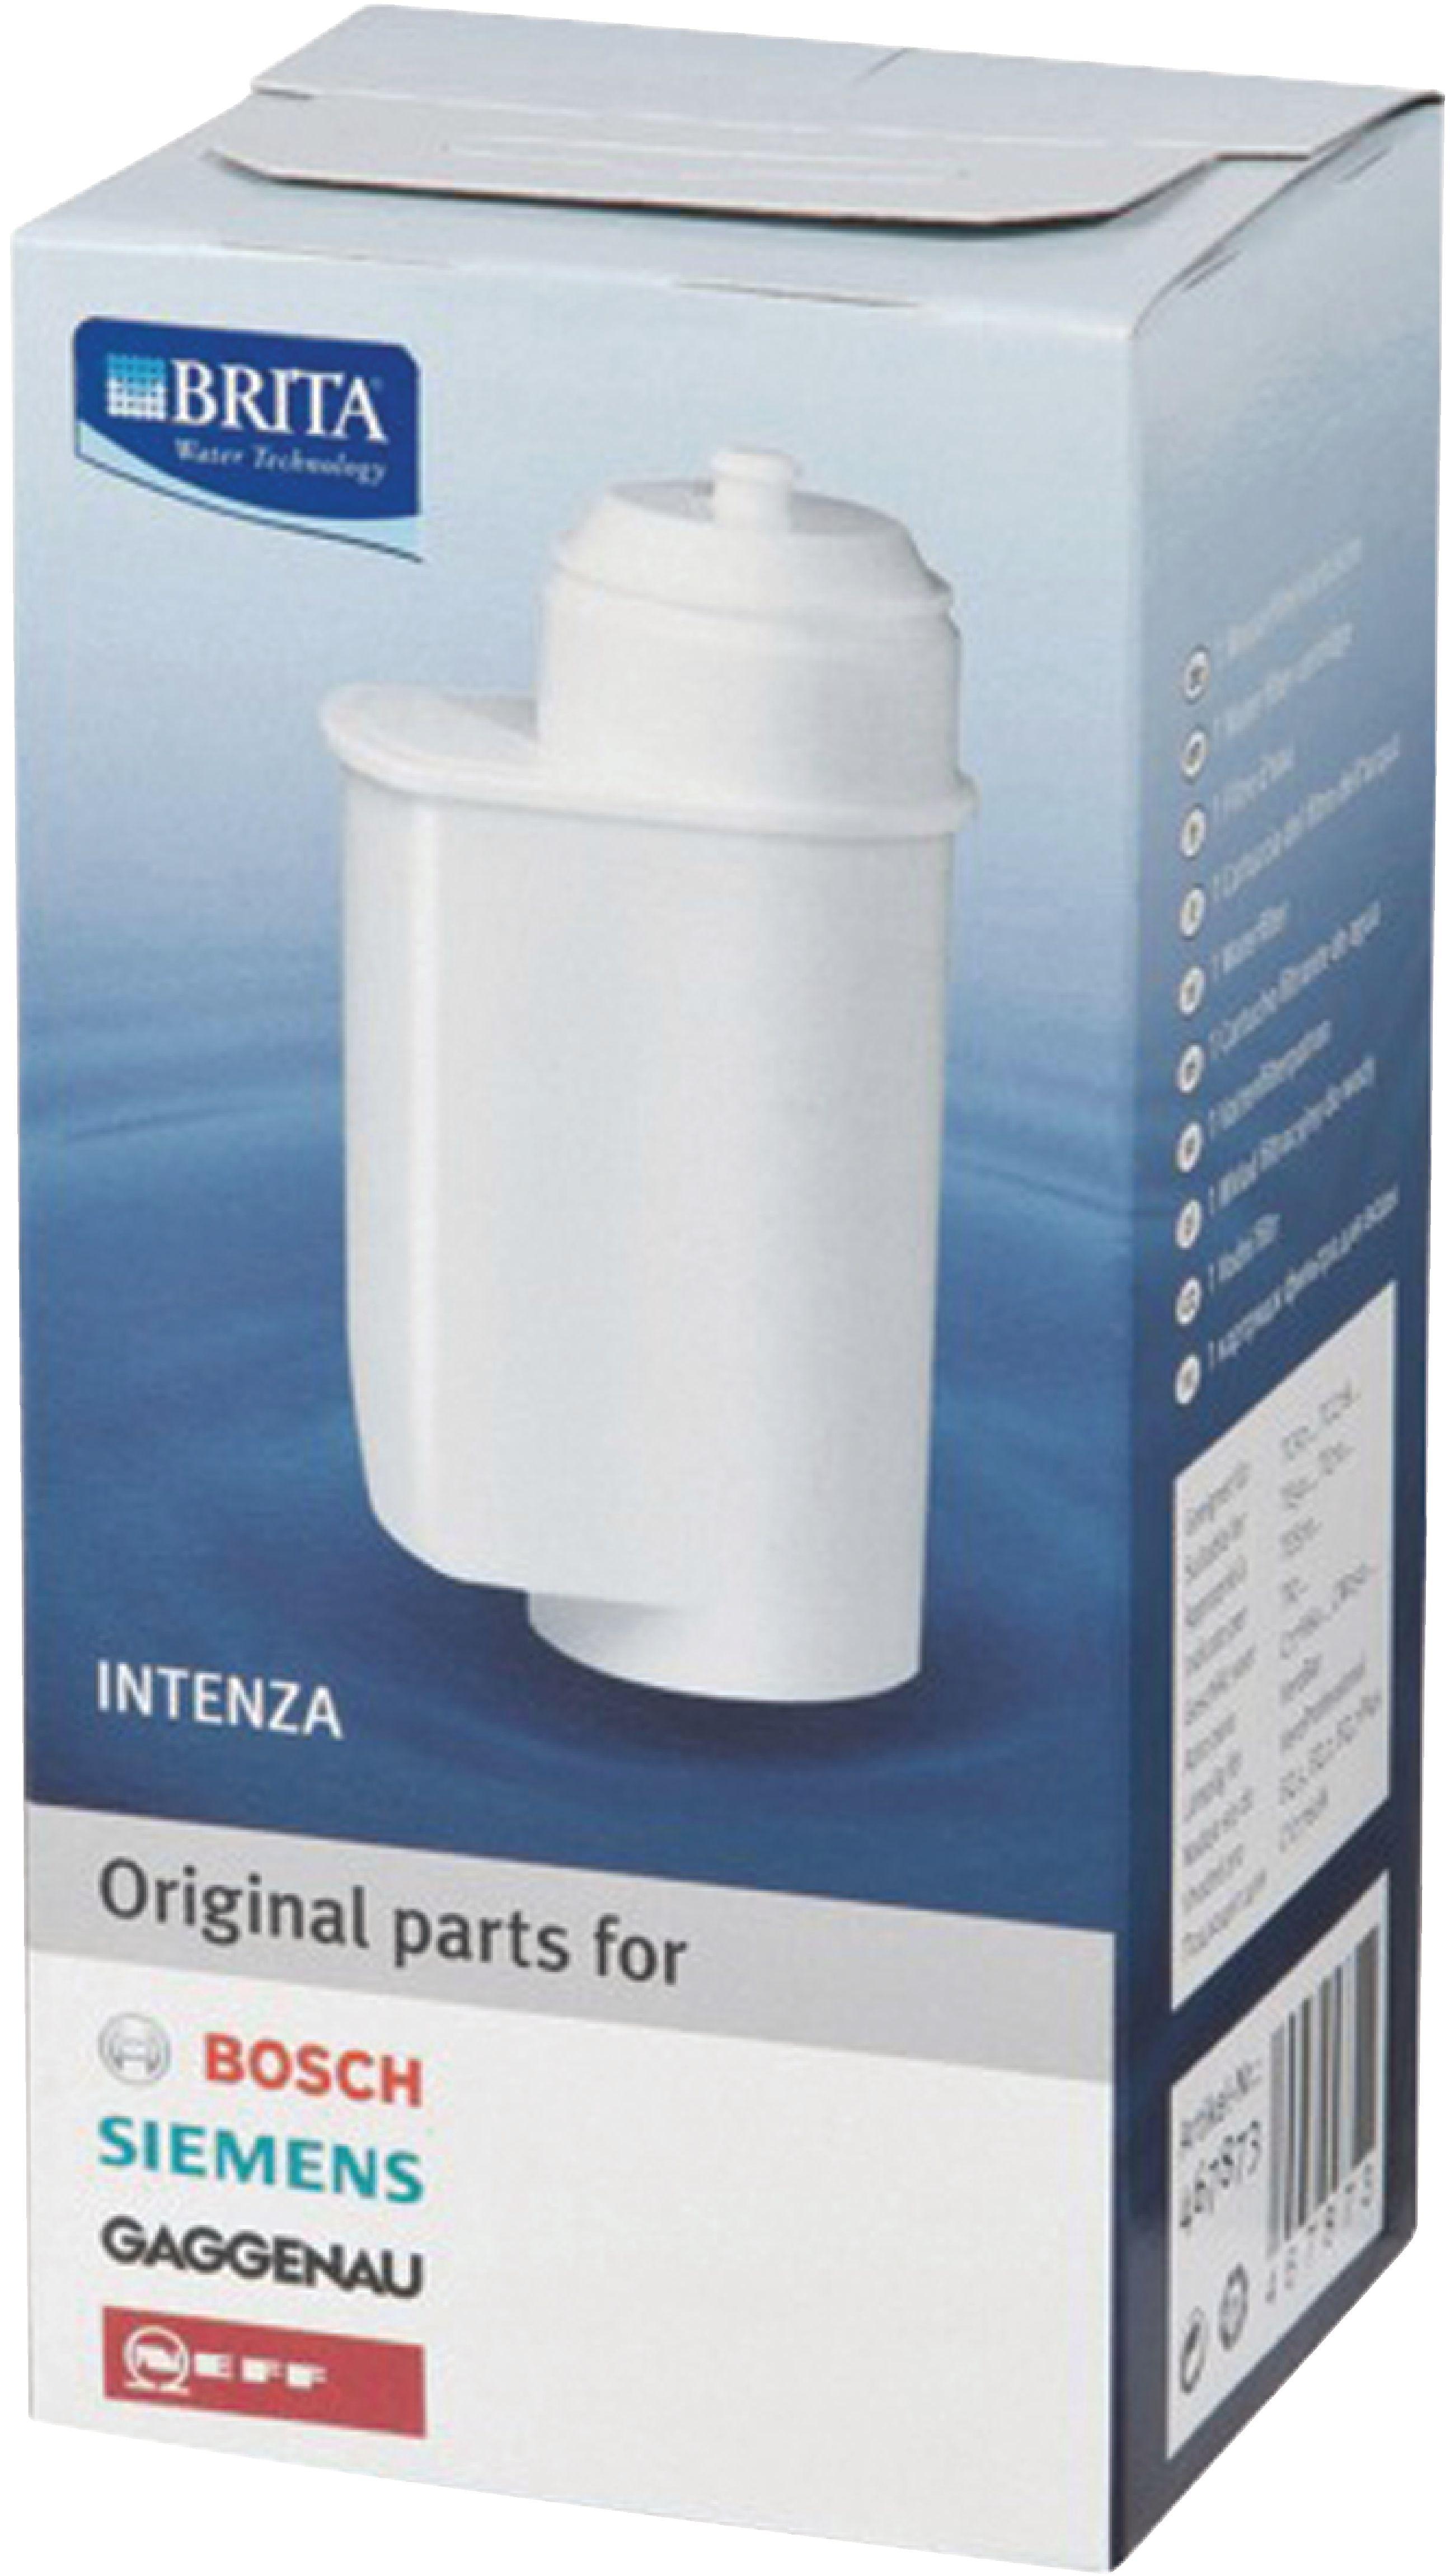 Brita Intenza vodní filtr pro kávovary Bosch, Siemens 575491